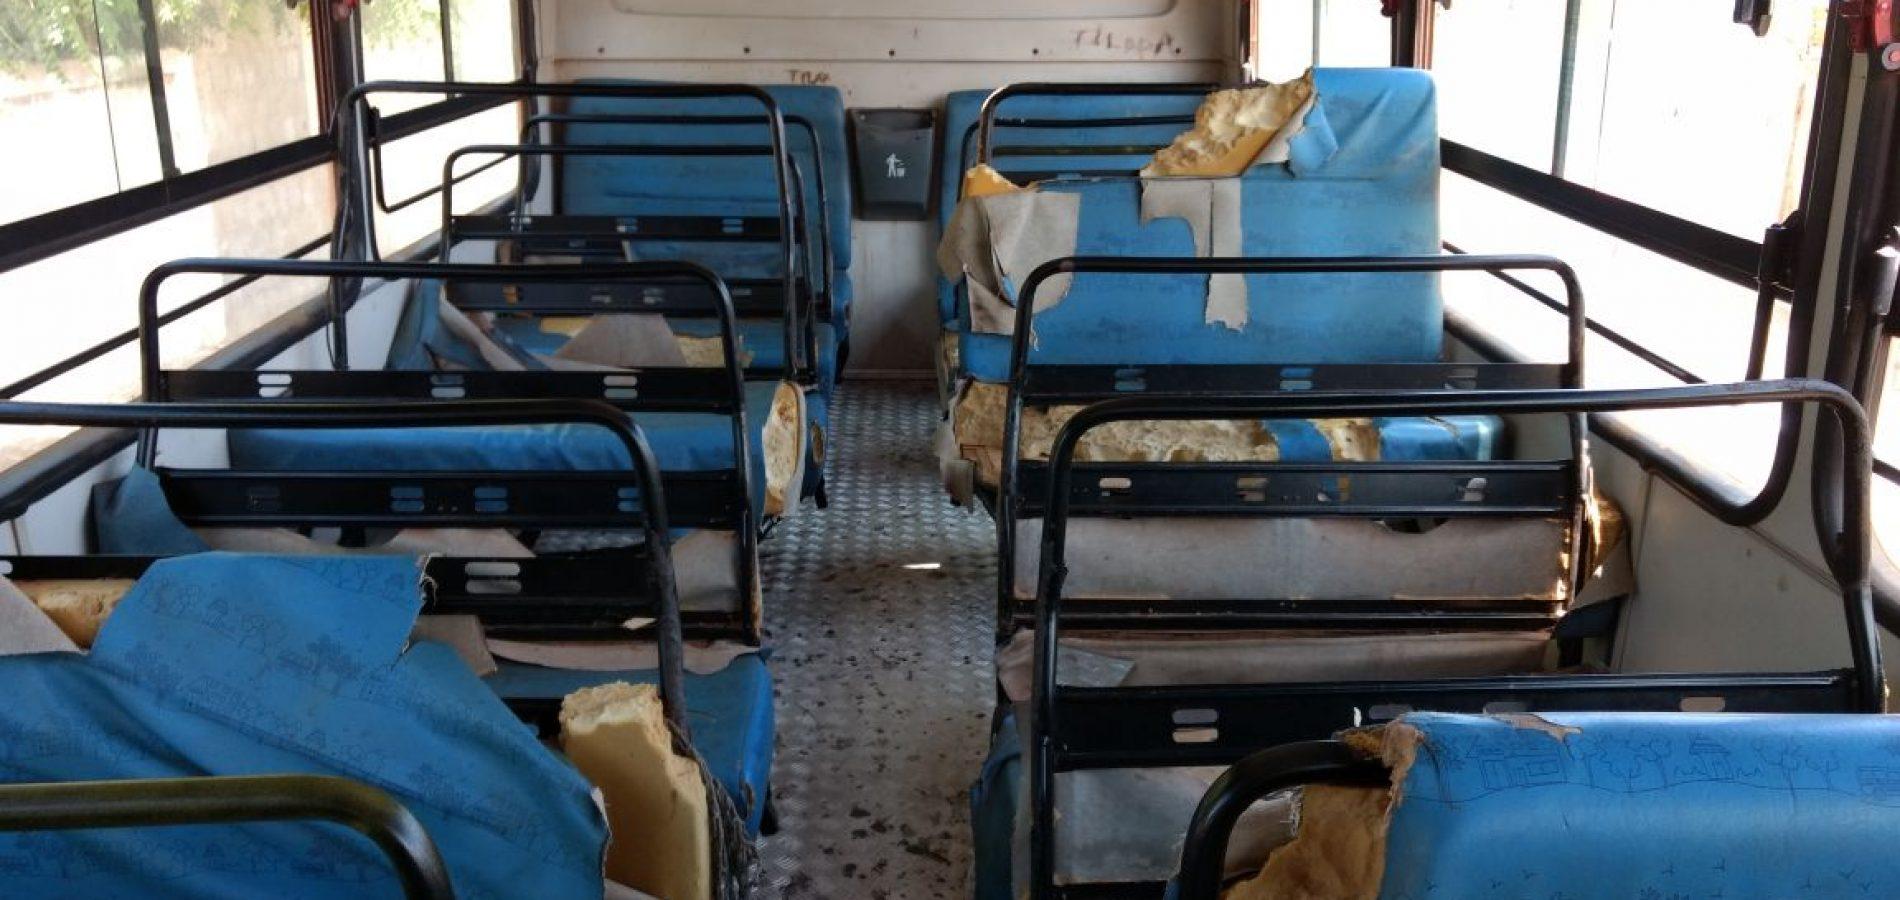 Transporte escolar circula completamente deteriorado no interior do Piauí